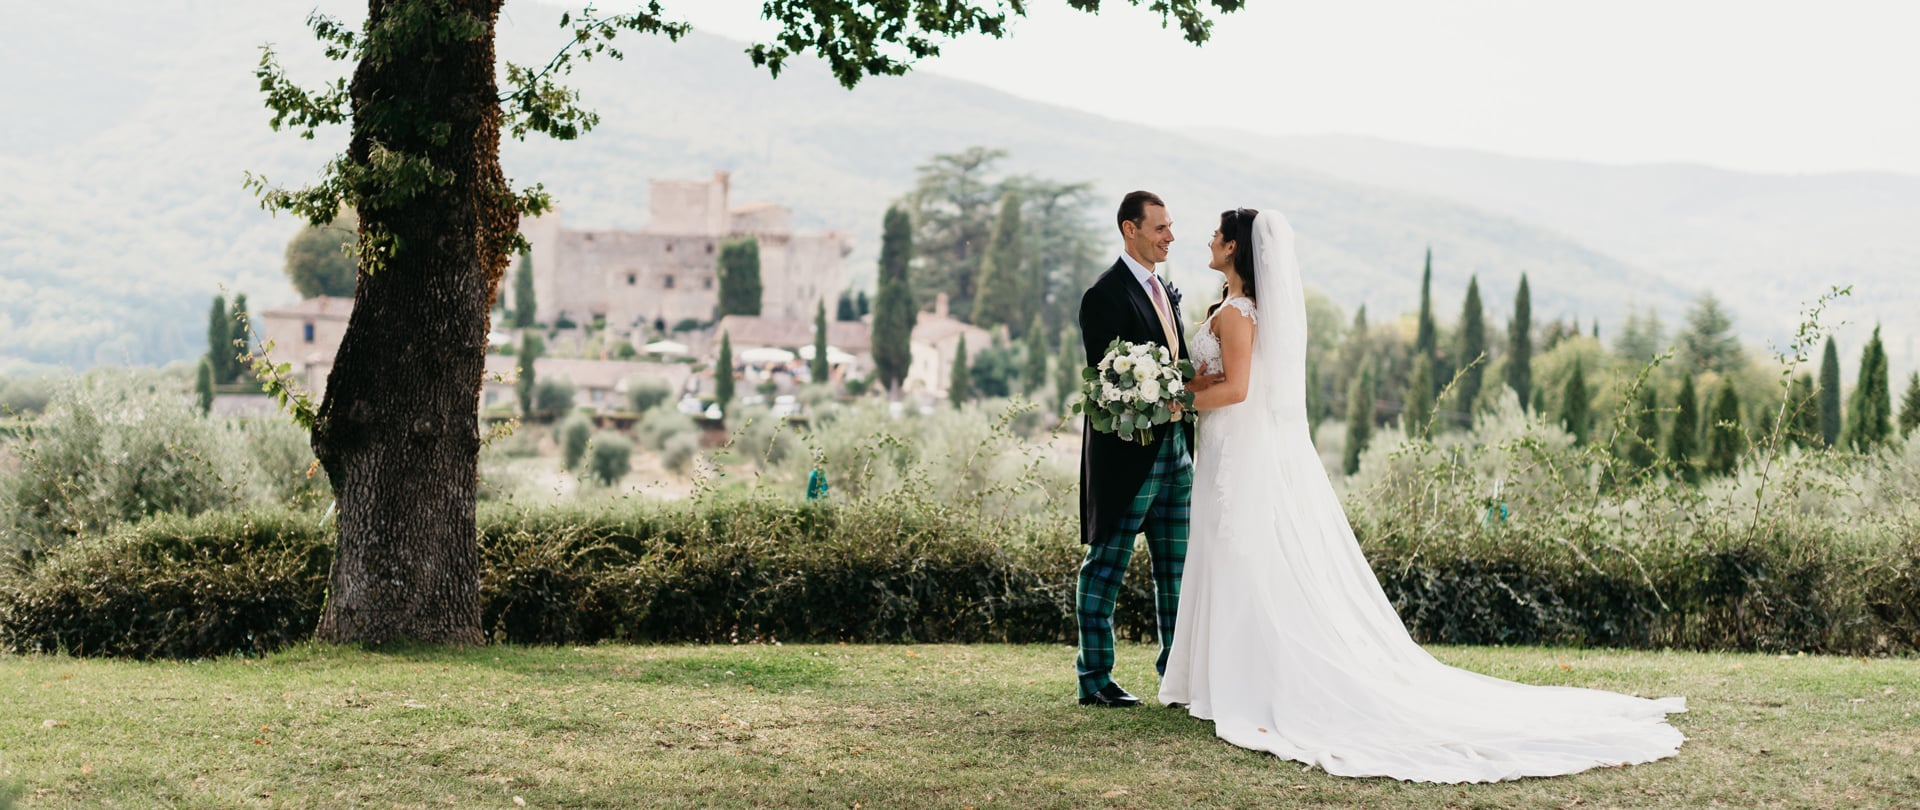 Zayna & Patrick Wedding Video Filmed at Tuscany, Italy